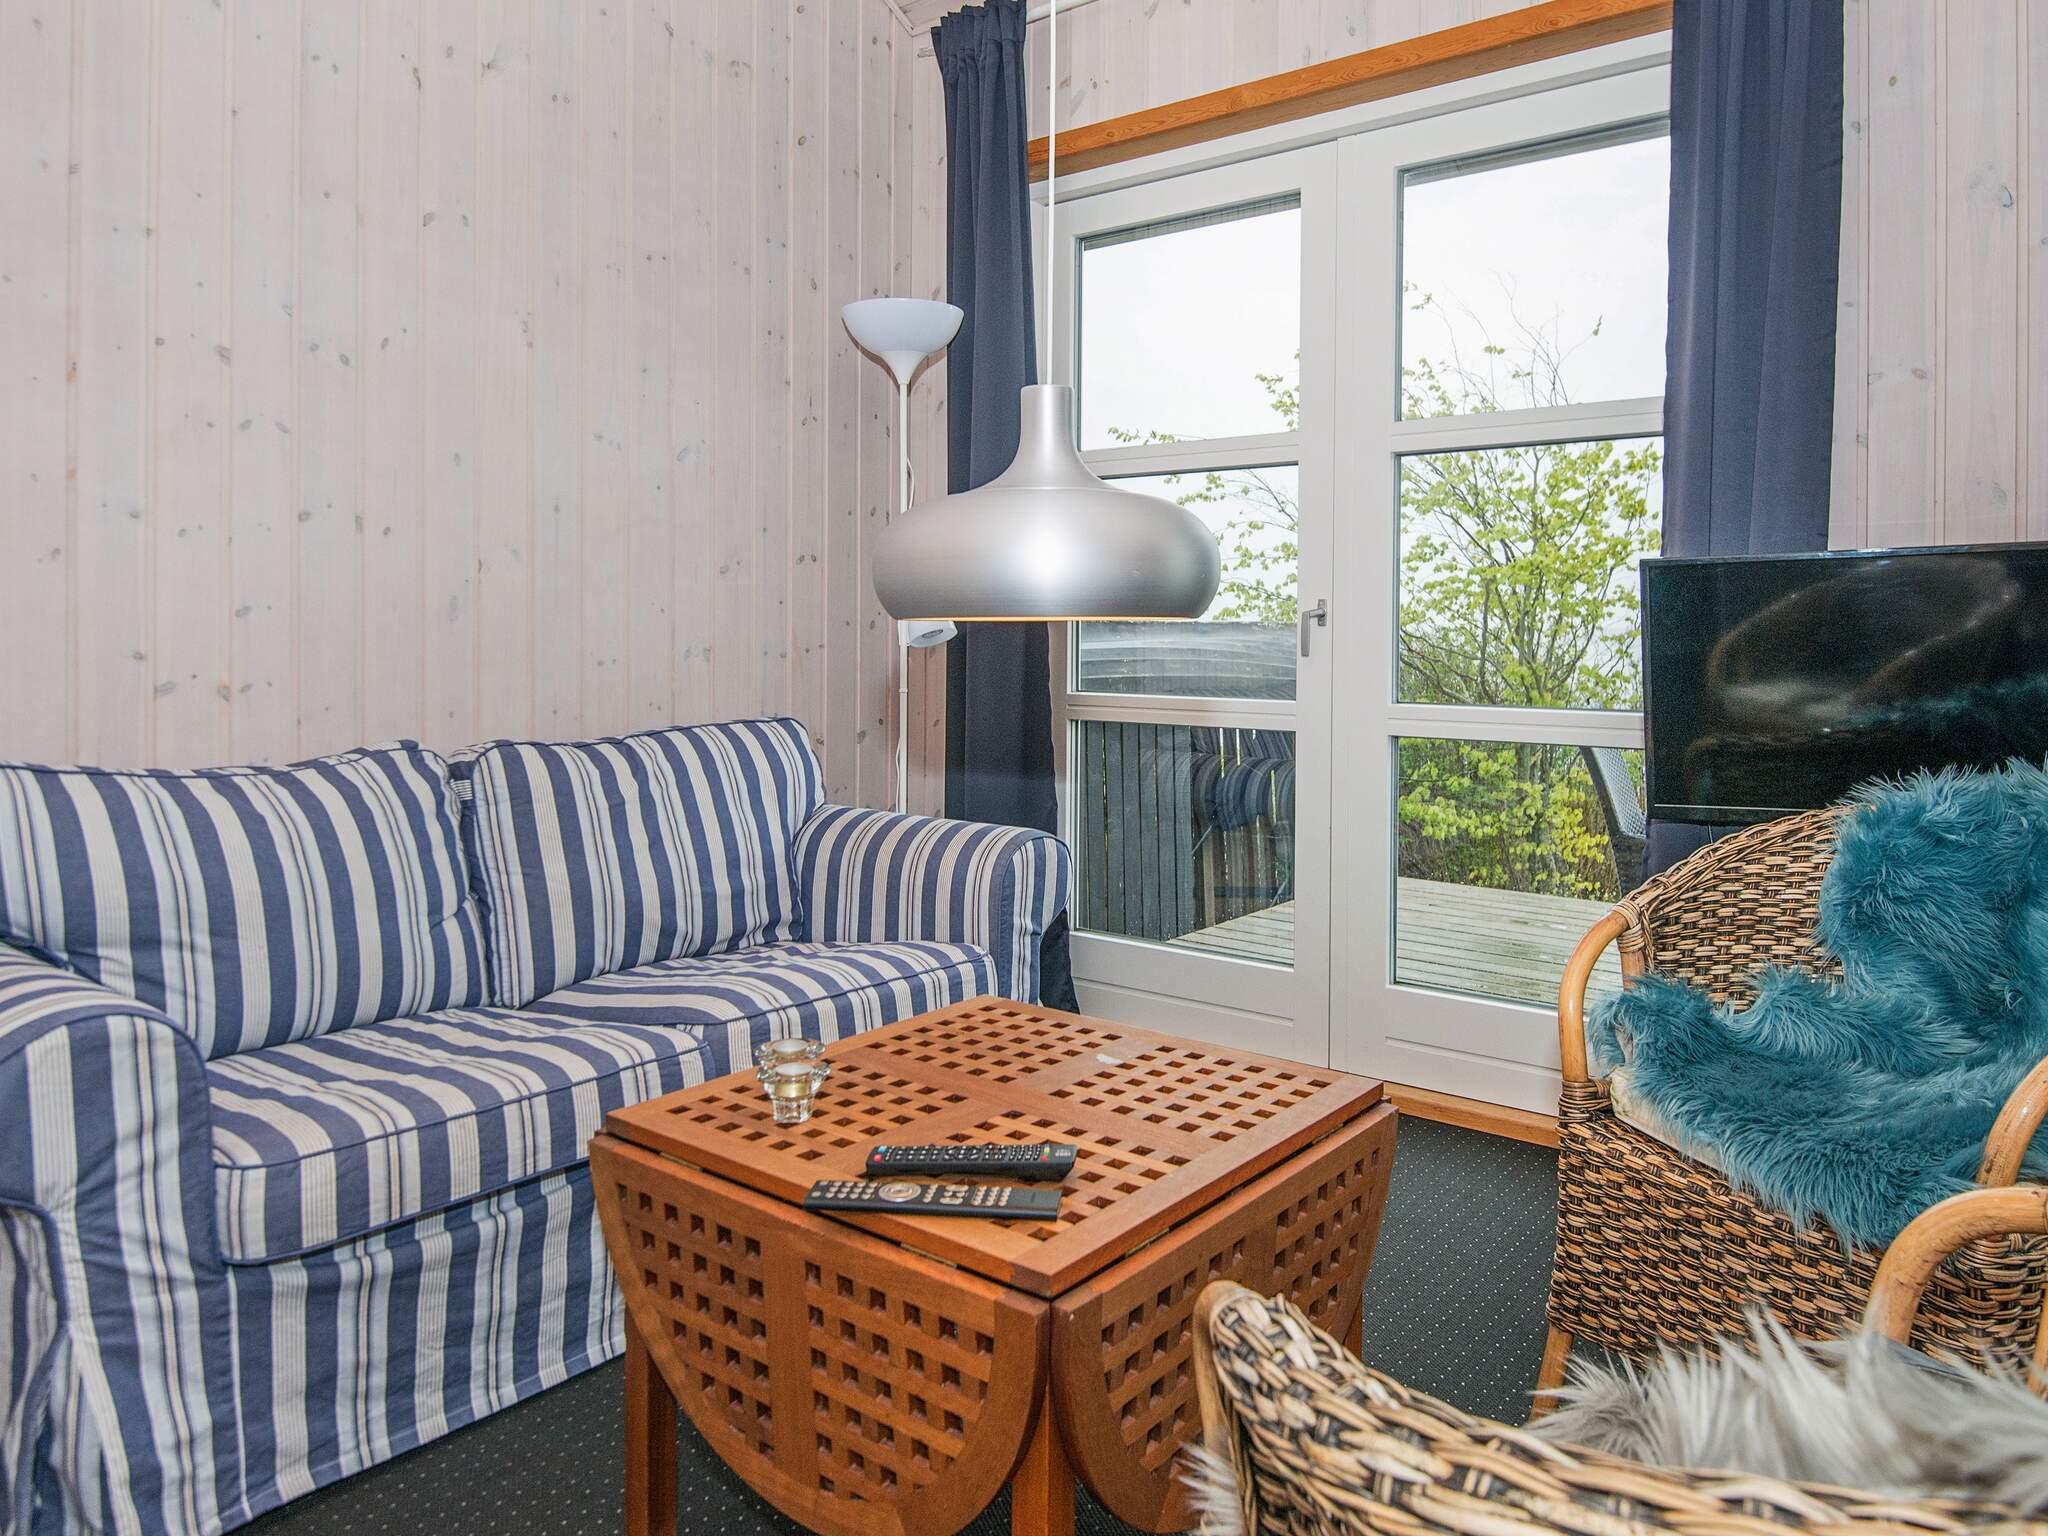 Ferienhaus Binderup Strand (626226), Binderup, , Dänische Ostsee, Dänemark, Bild 2